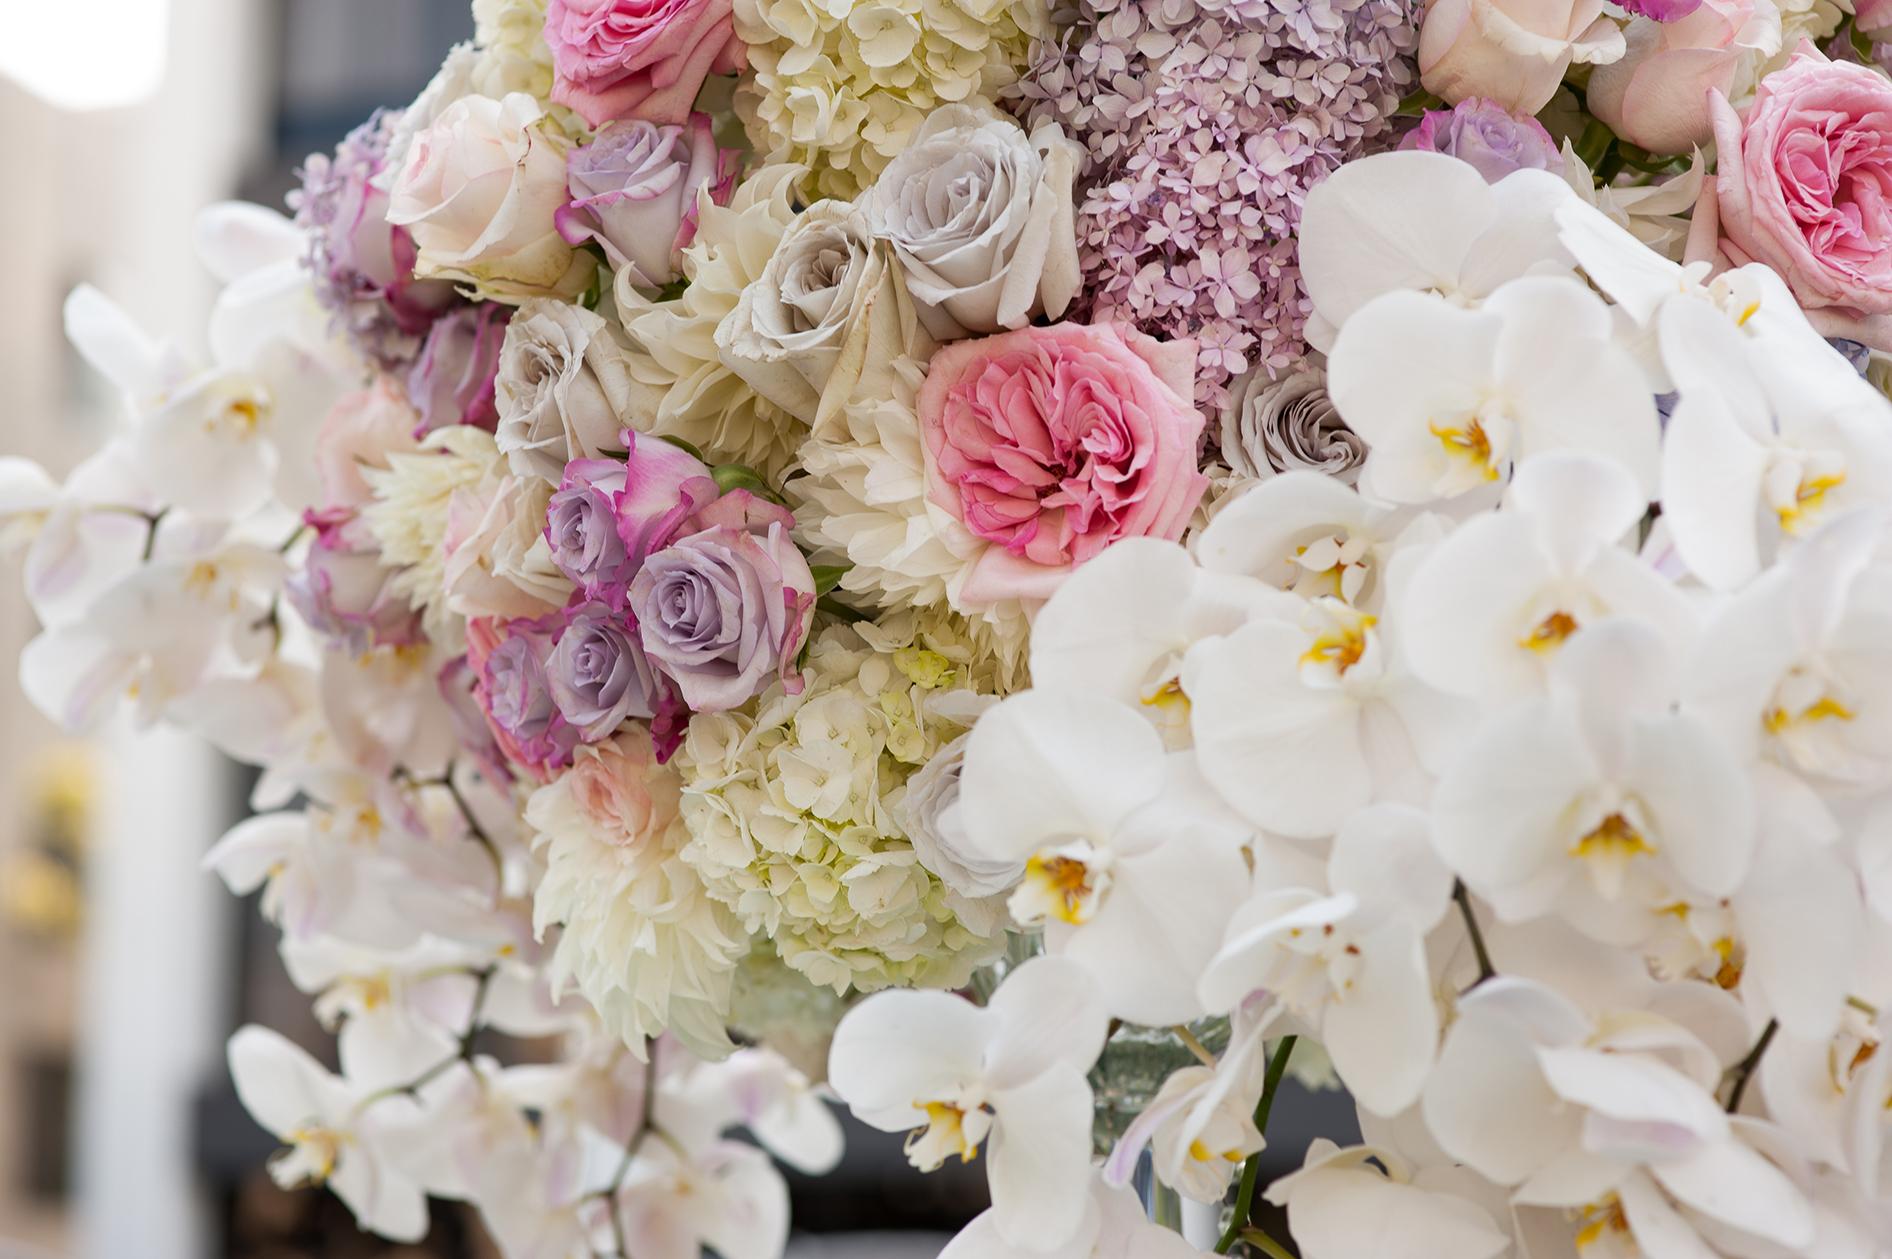 Couture Floral Design Exhibition